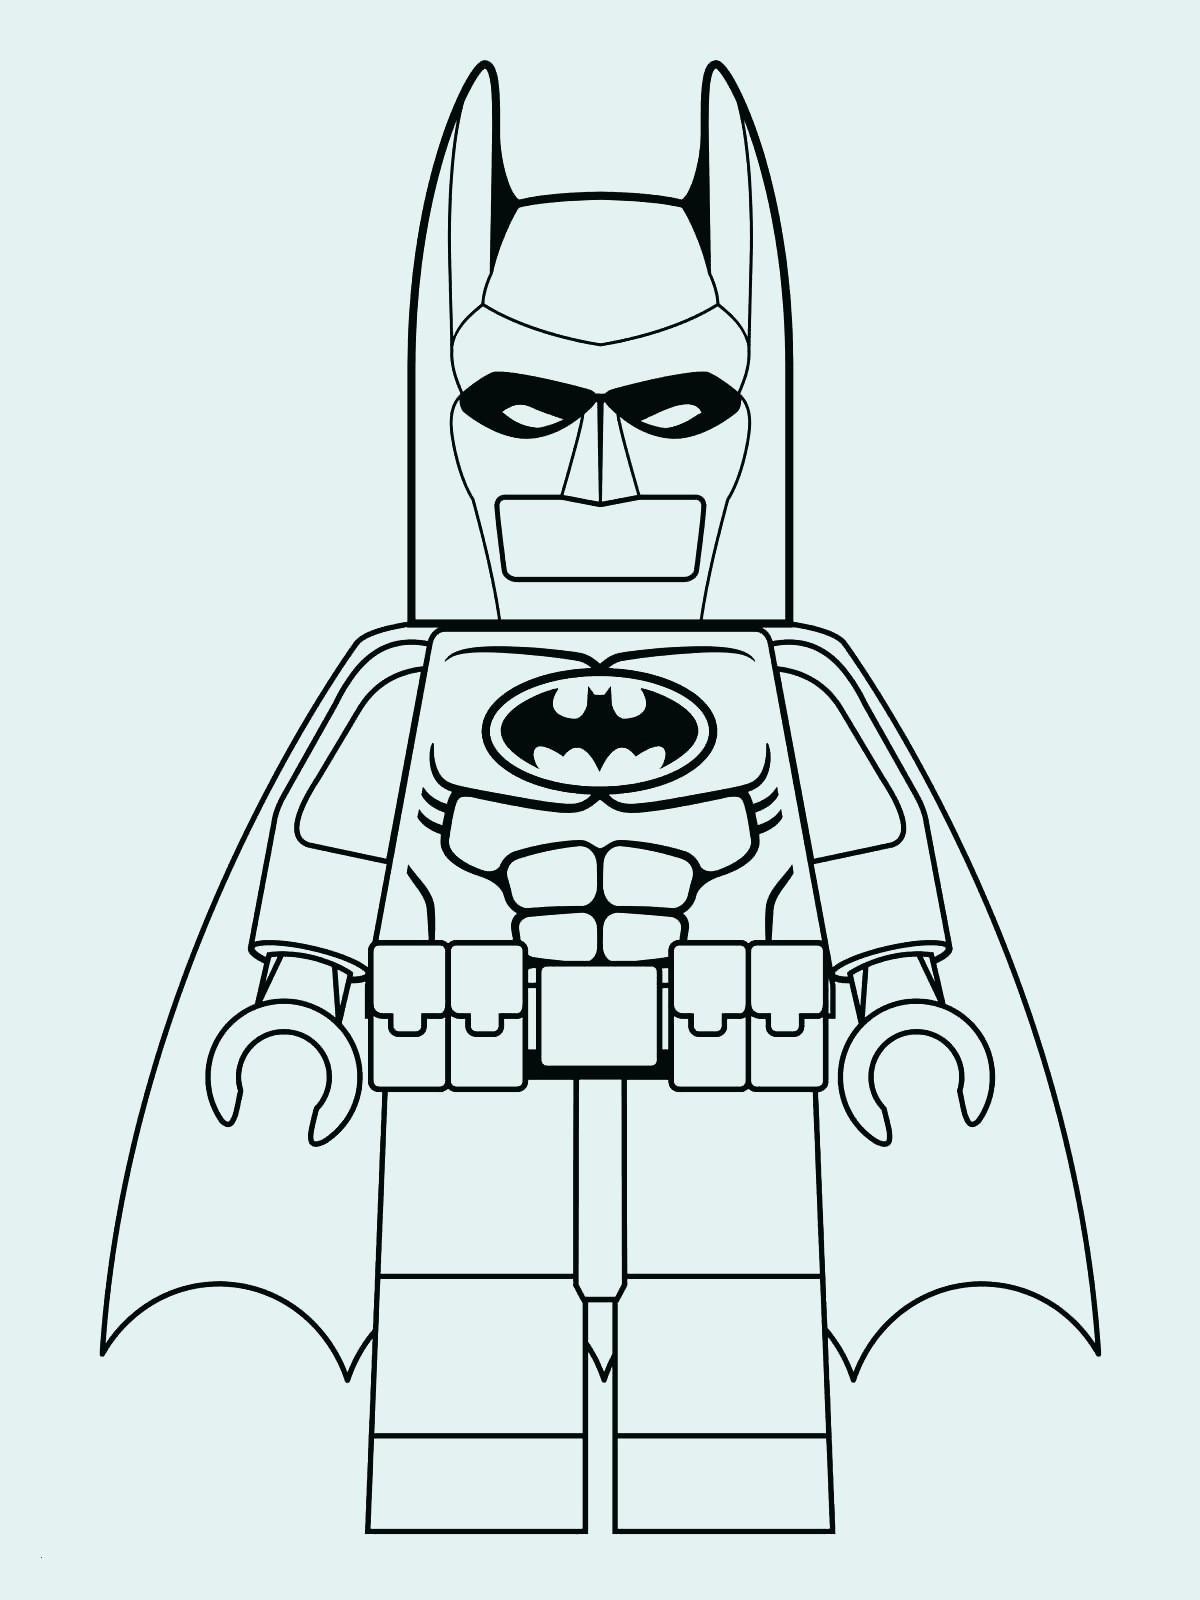 Igel Vorlage Zum Ausdrucken Das Beste Von Lego Ninjago Ausmalbilder Zum Ausdrucken Luxusfotografie Malvorlagen Das Bild